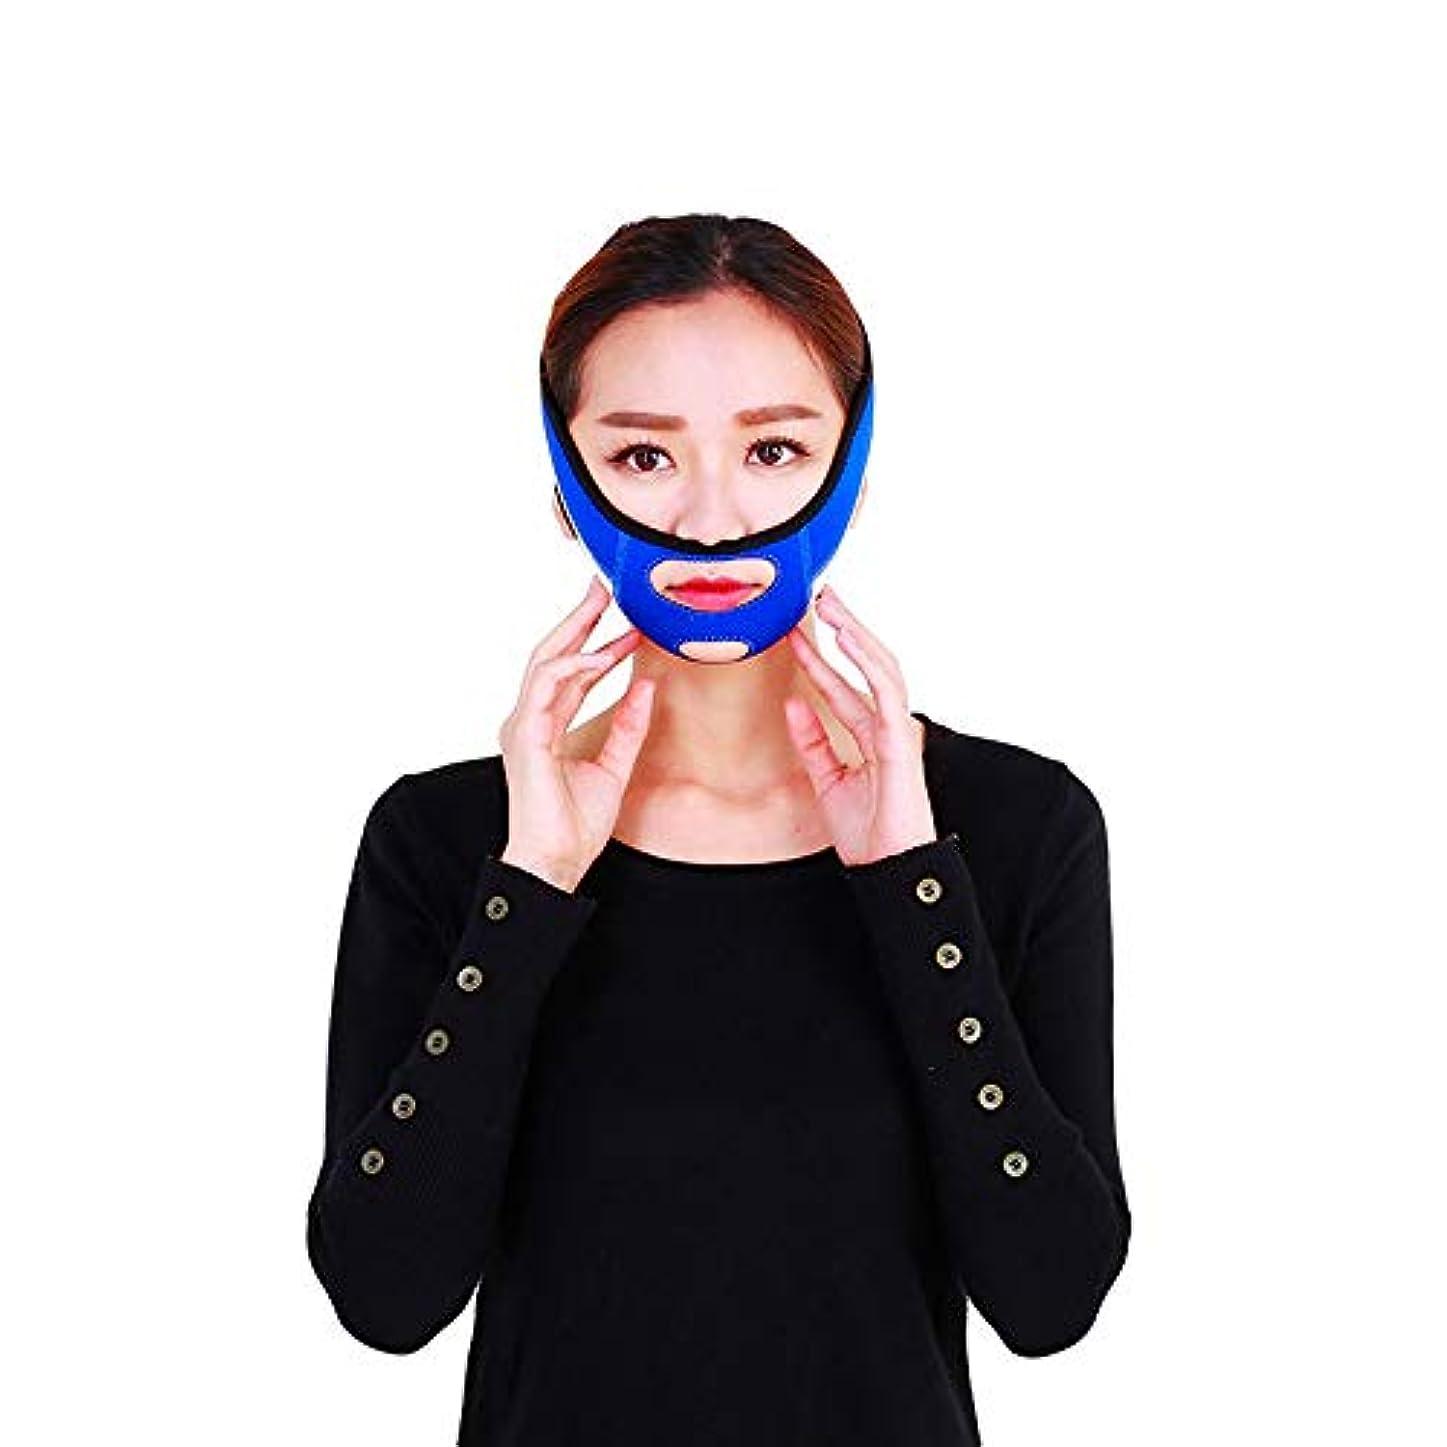 夫過激派考古学的な顔を持ち上げるベルト - 顔を持ち上げる包帯は、上顎顔面修正ツールを強力に強化し、顔面マスクのV字形の人工物 美しさ